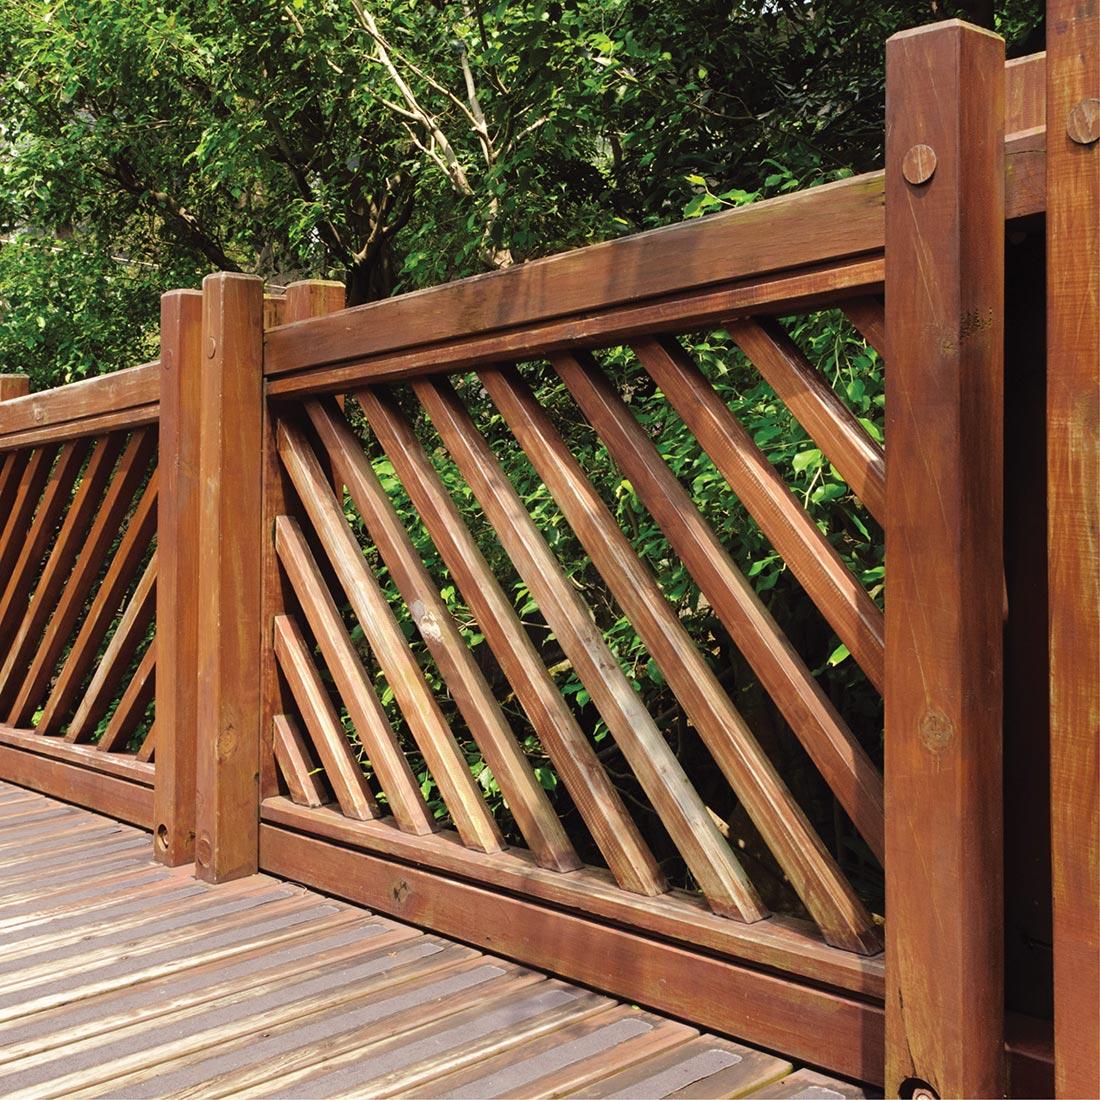 деревянные заборы и ограды фото деревянных заборов сравнивать описываемую